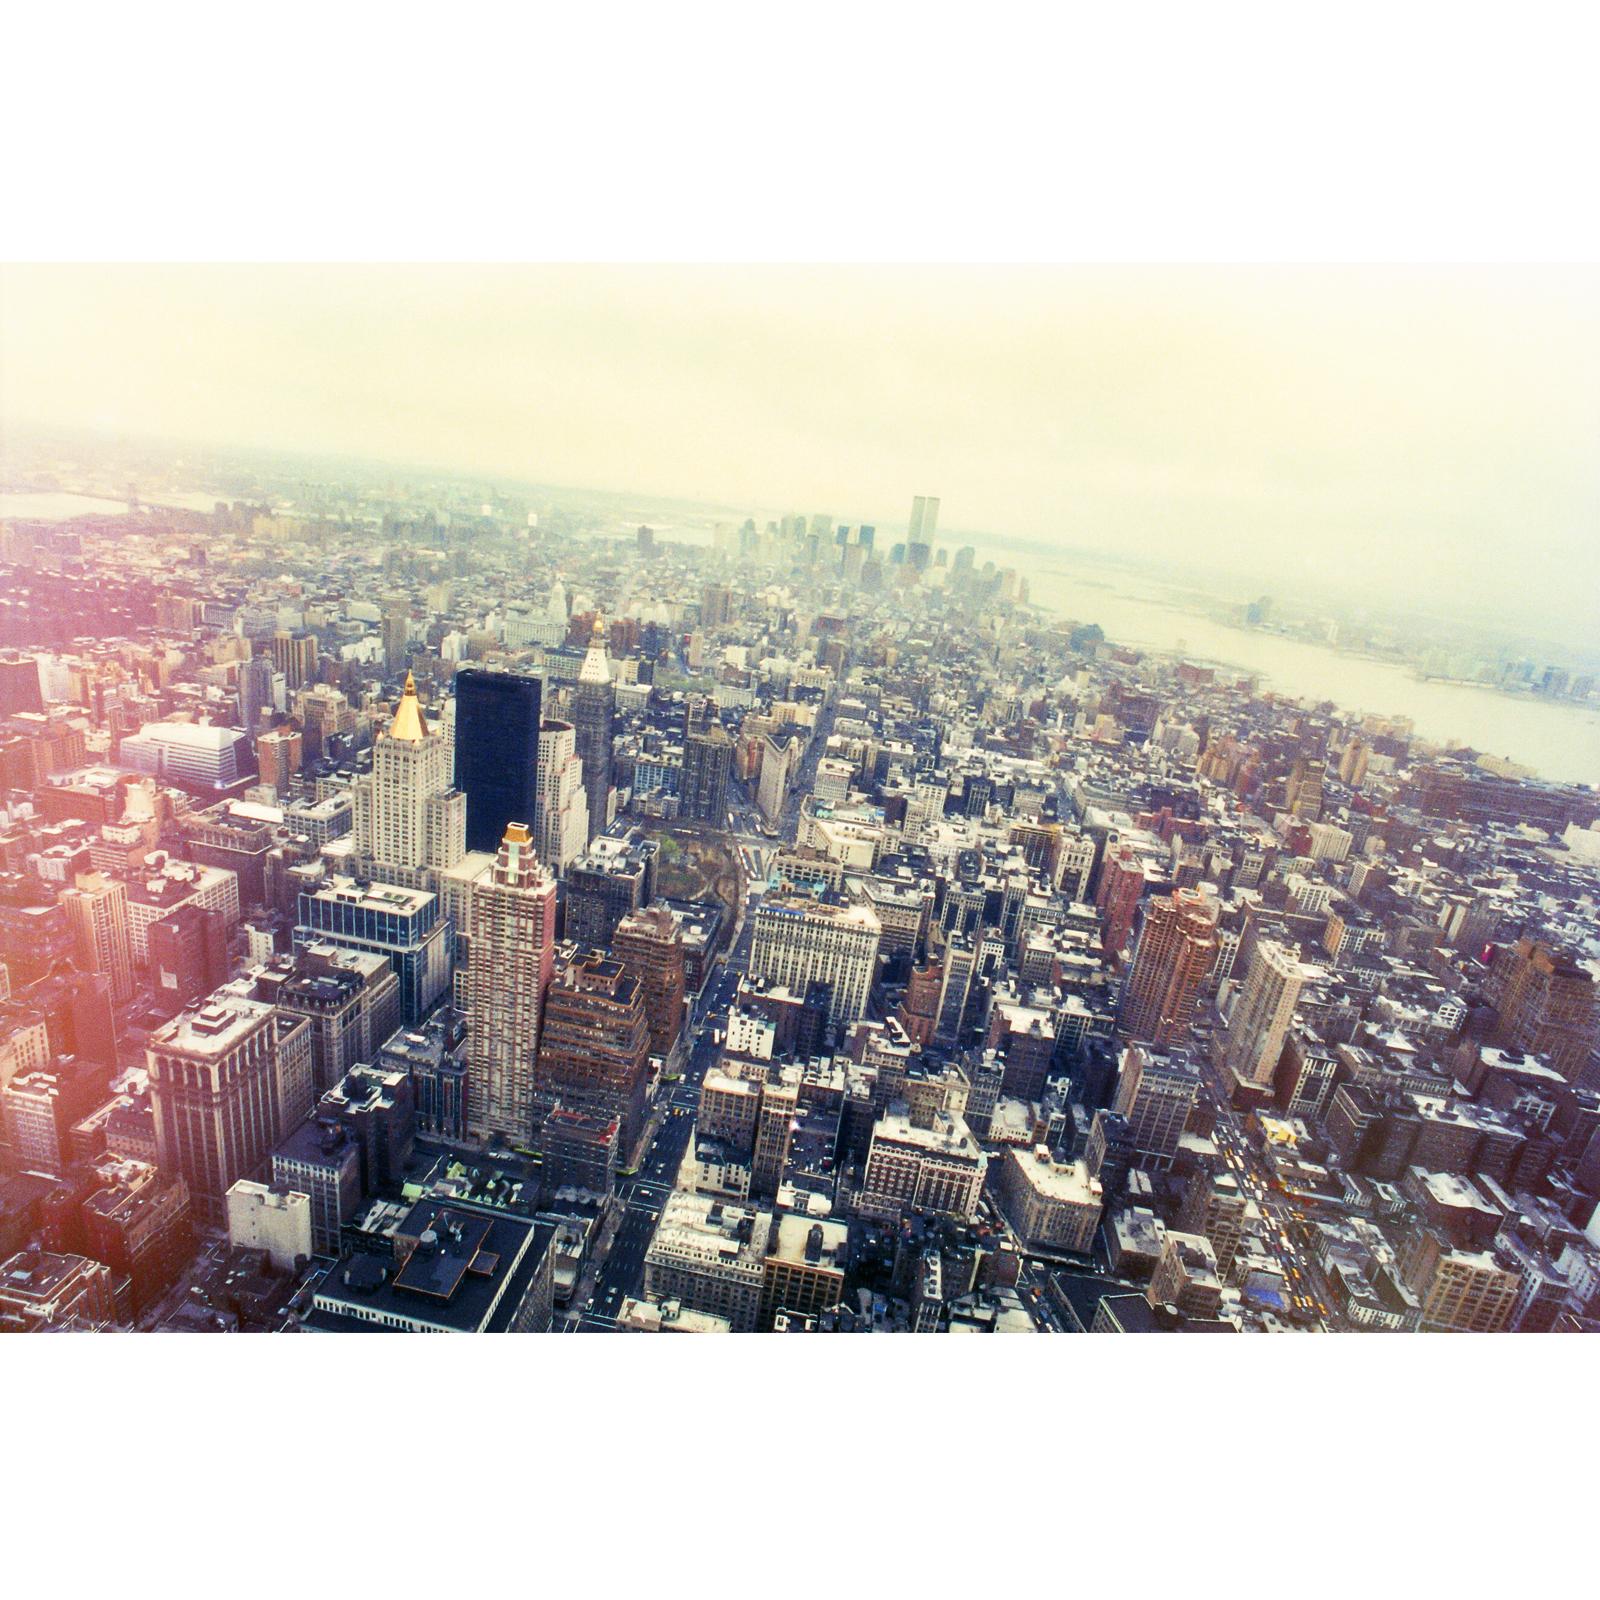 本日発売のアルバム『NEW YORK IMPROVISATION』、『EEW』がSpotifyで視聴可能!